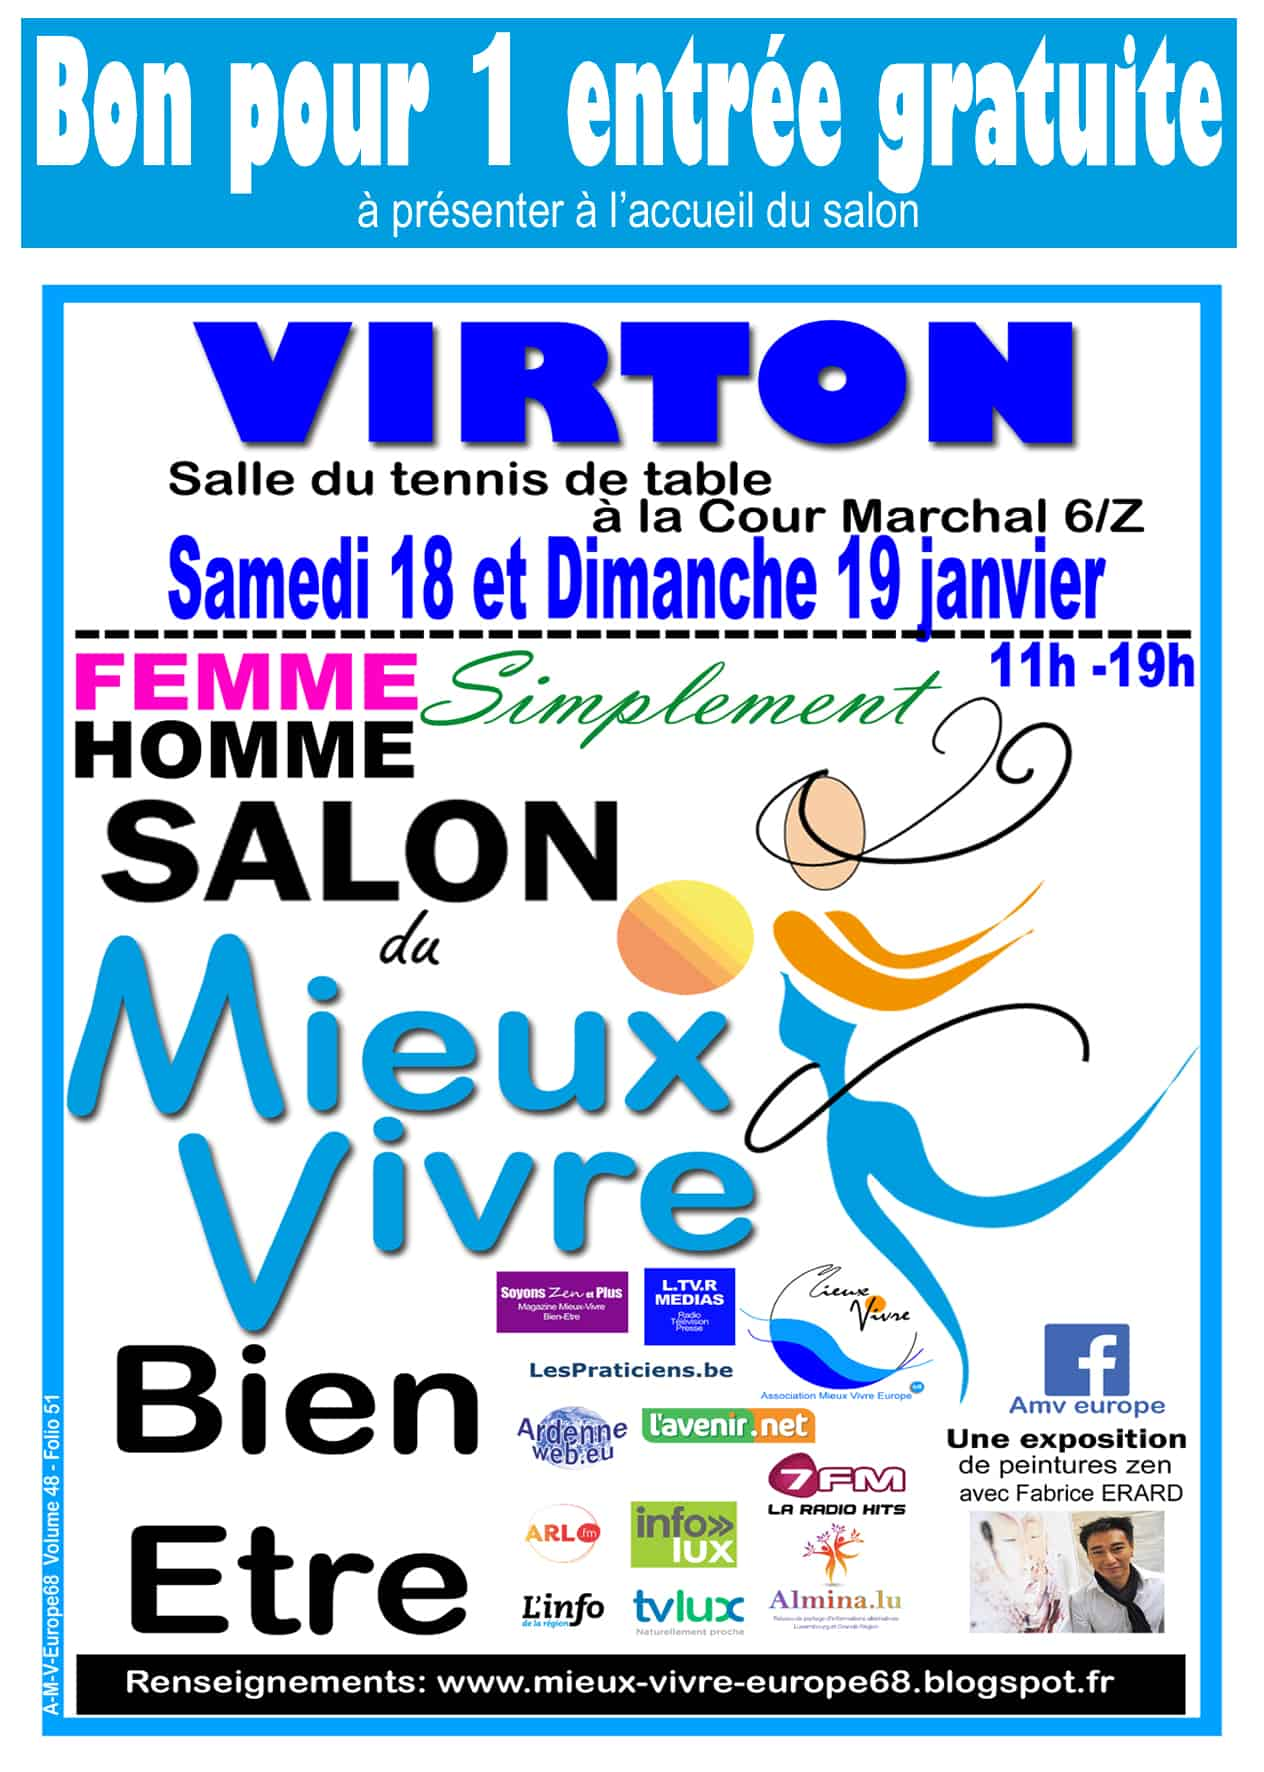 Salon bien-être Virton 18-19 janvier